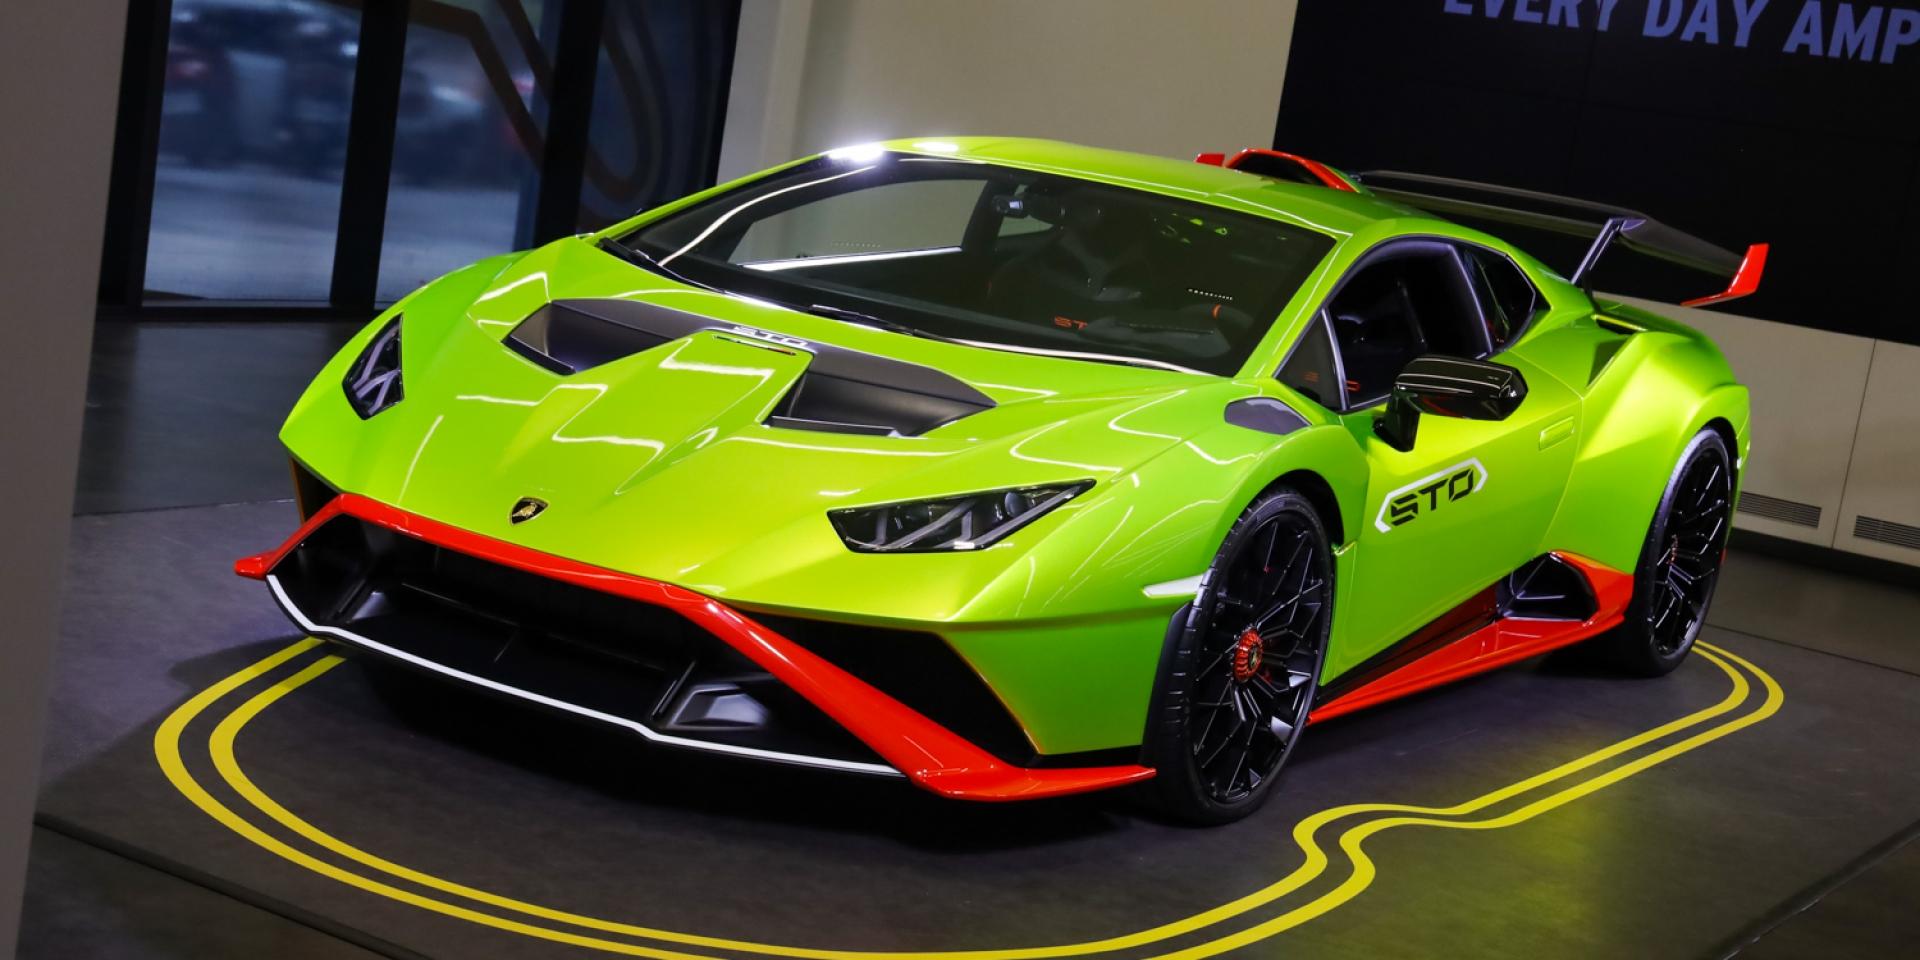 用賽車改裝而成的道路用車!Lamborghini Huracán STO在台發表!